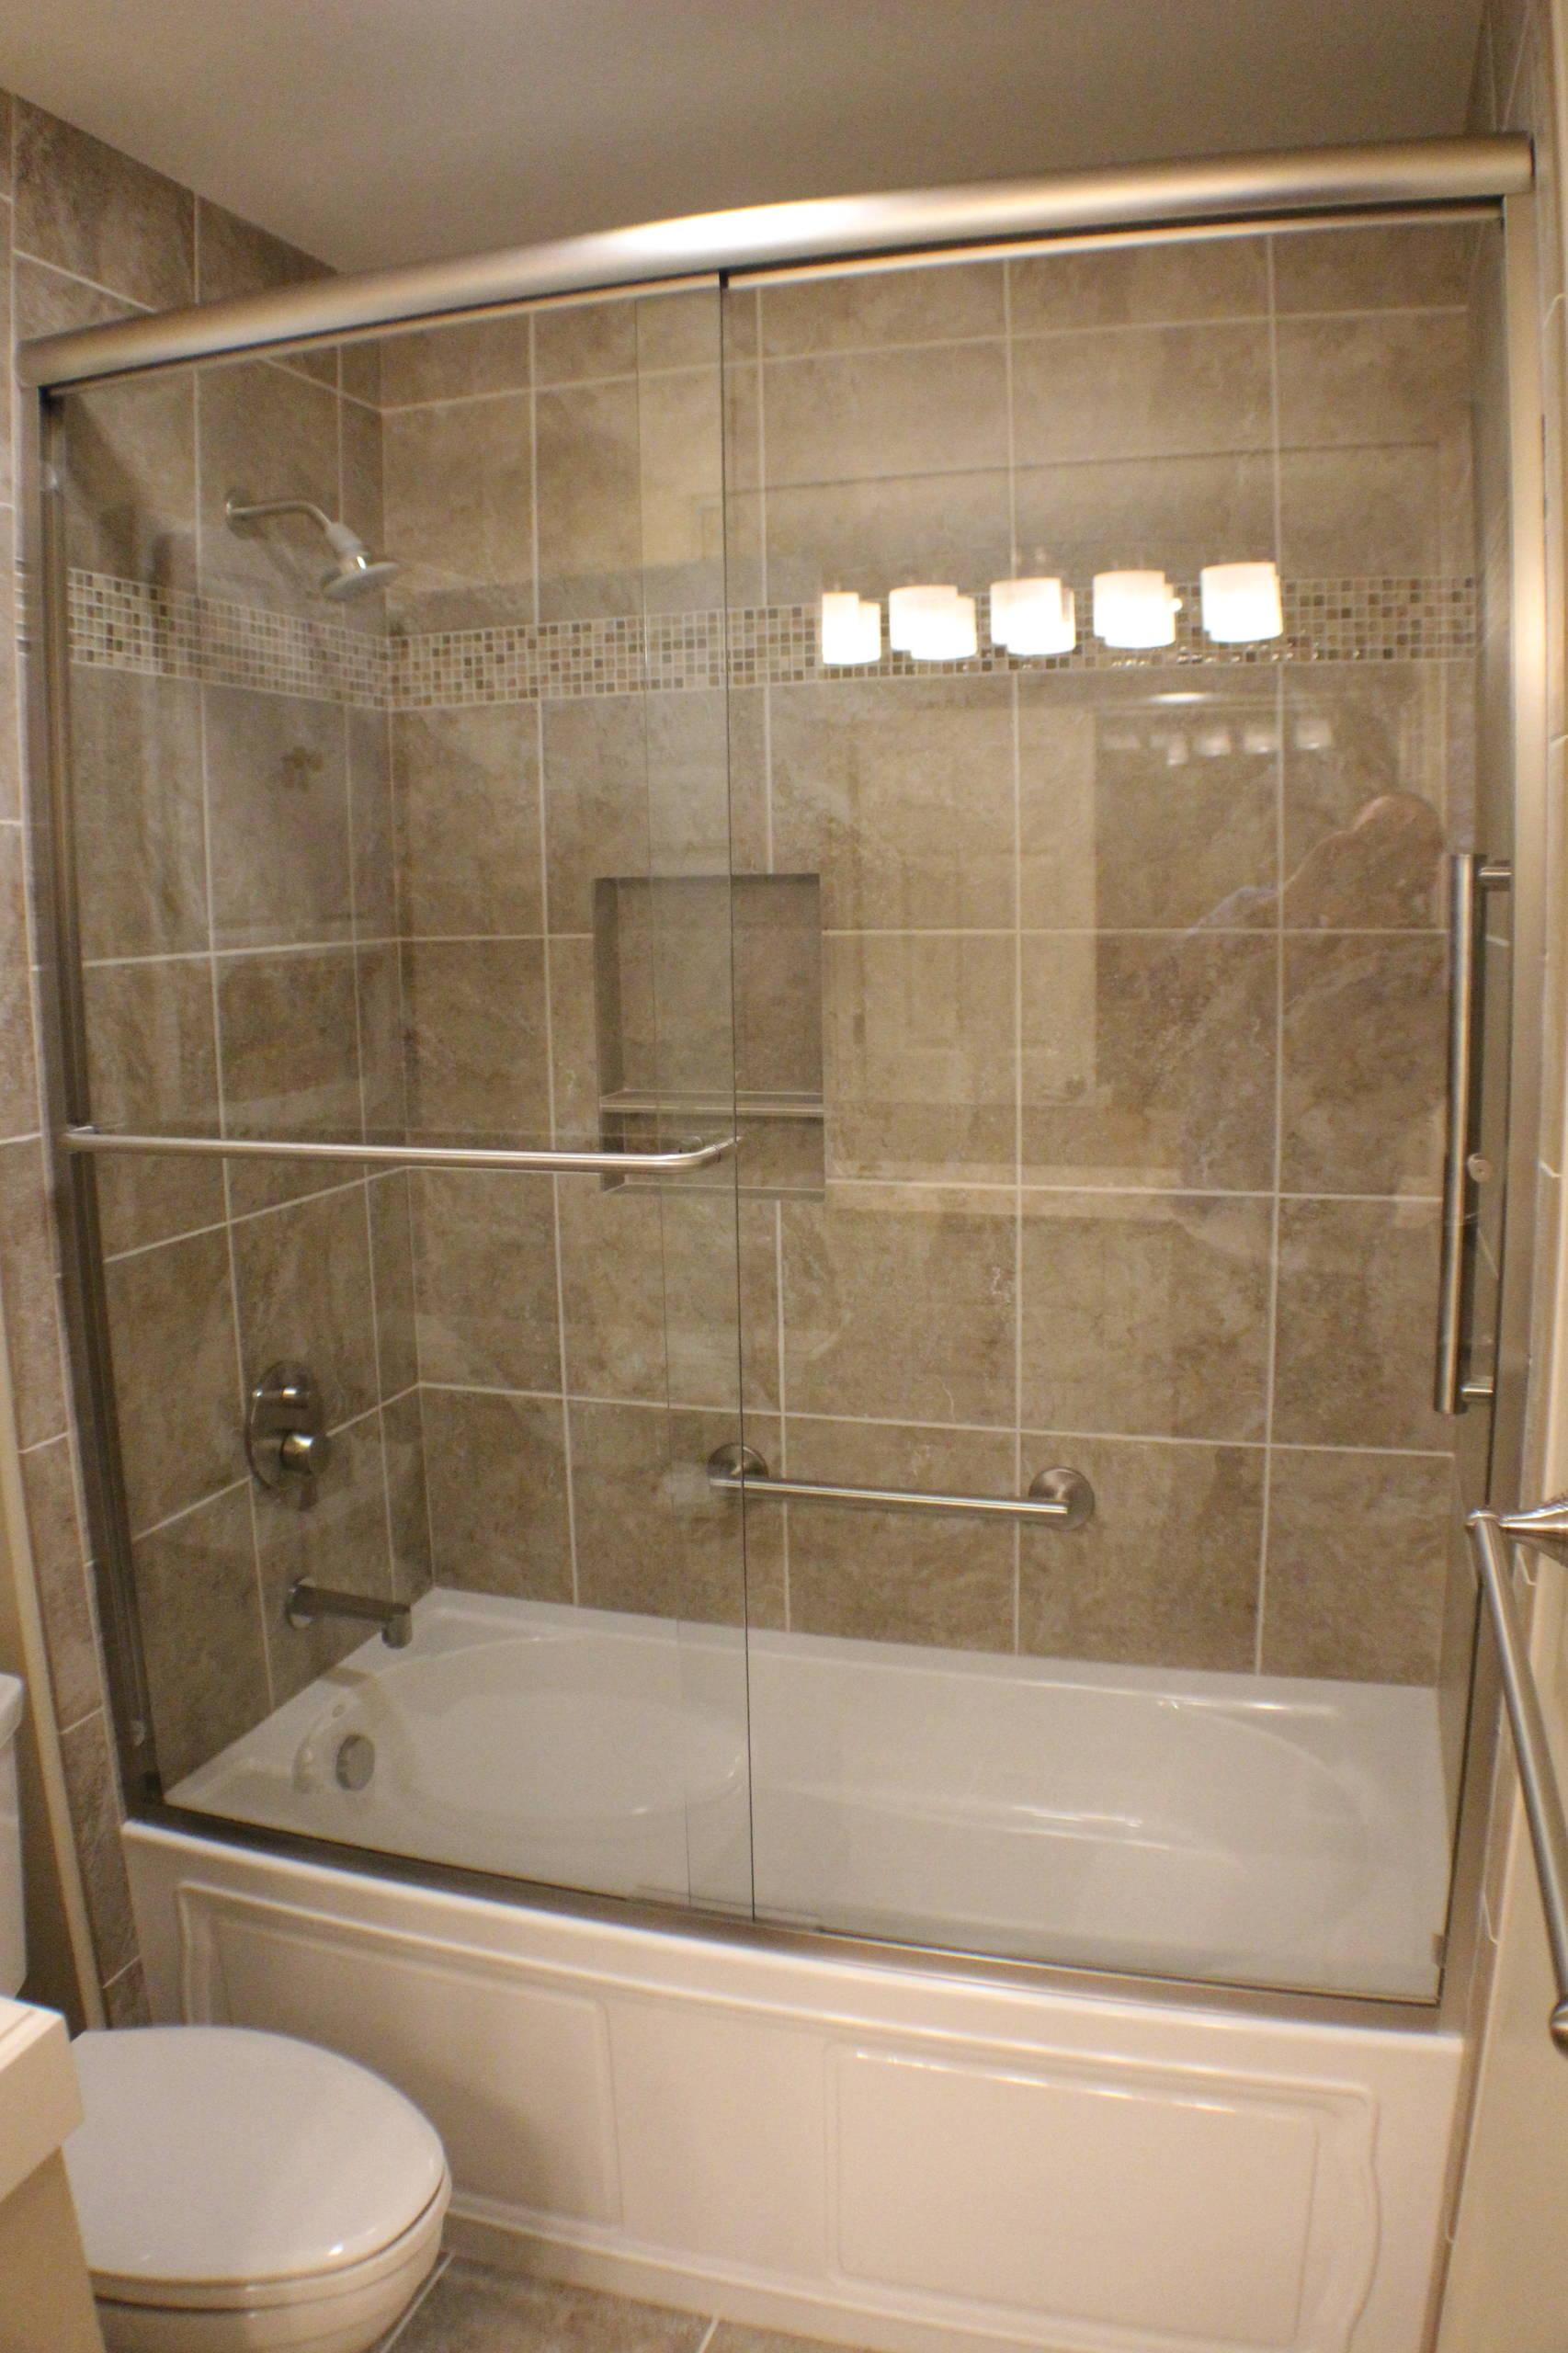 Guest Bath in Natural Tones